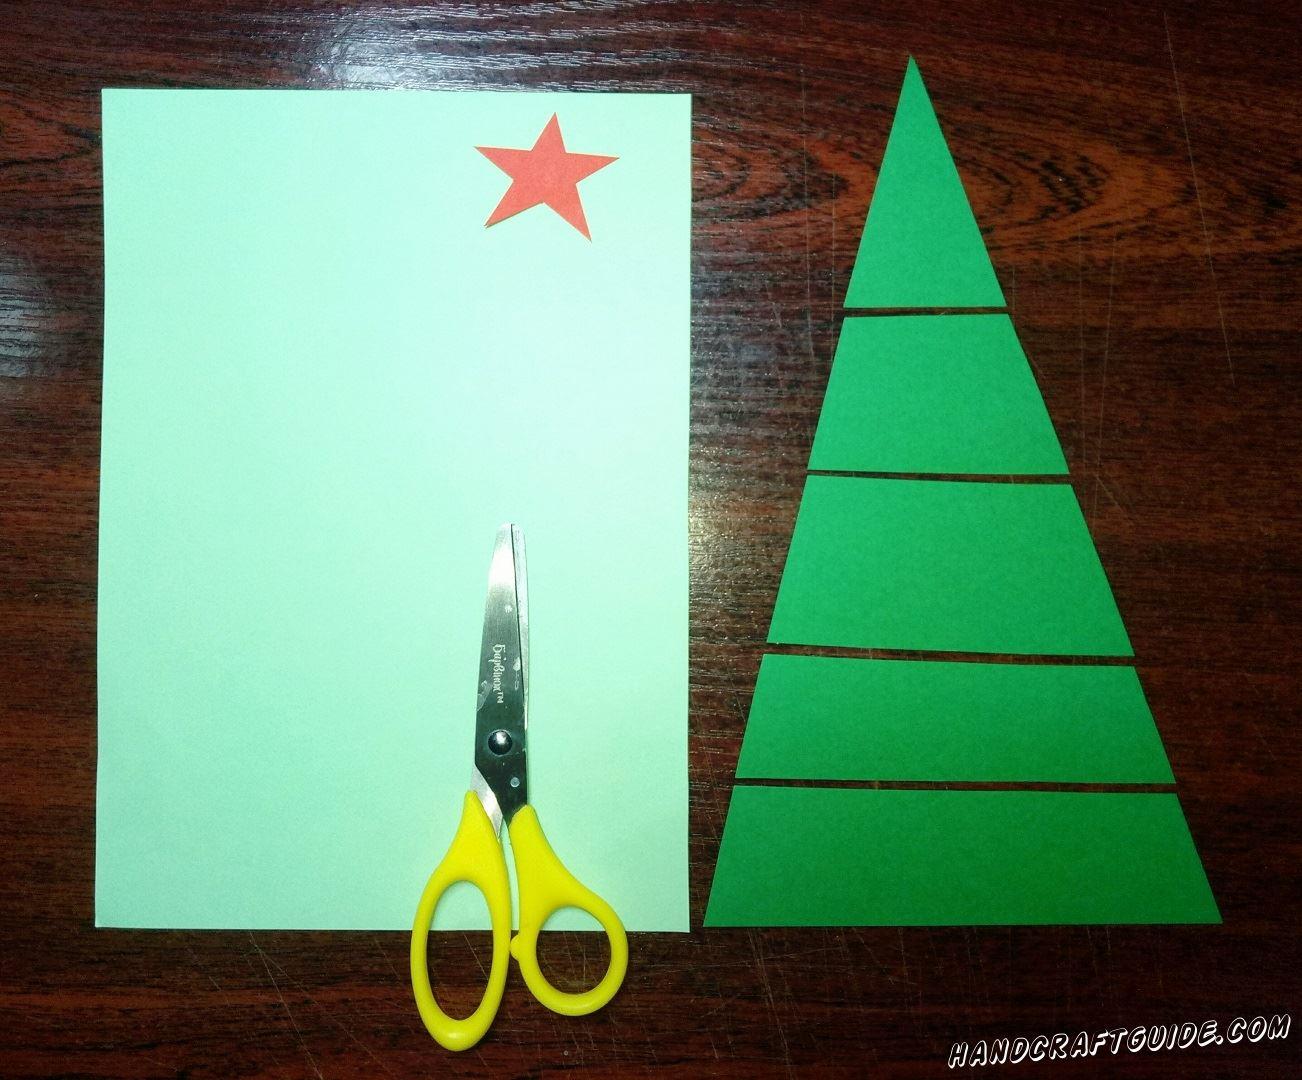 Из бумаги зелёного цвета мы вырезаем большой треугольник и разрезаем его на 5 частей, как показано на фото. Теперь вырезаем красную звёздочку